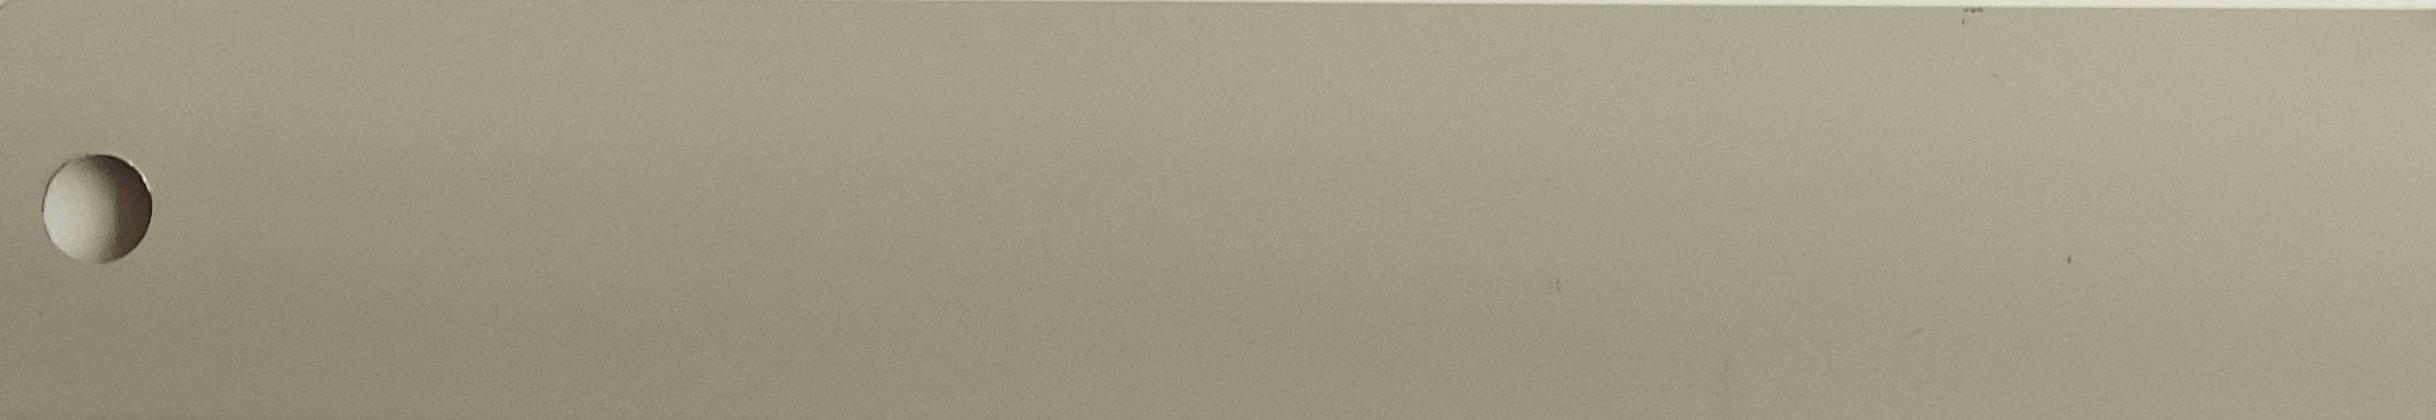 Flint 0306/1000101440 Venetian blind slat 25 mm